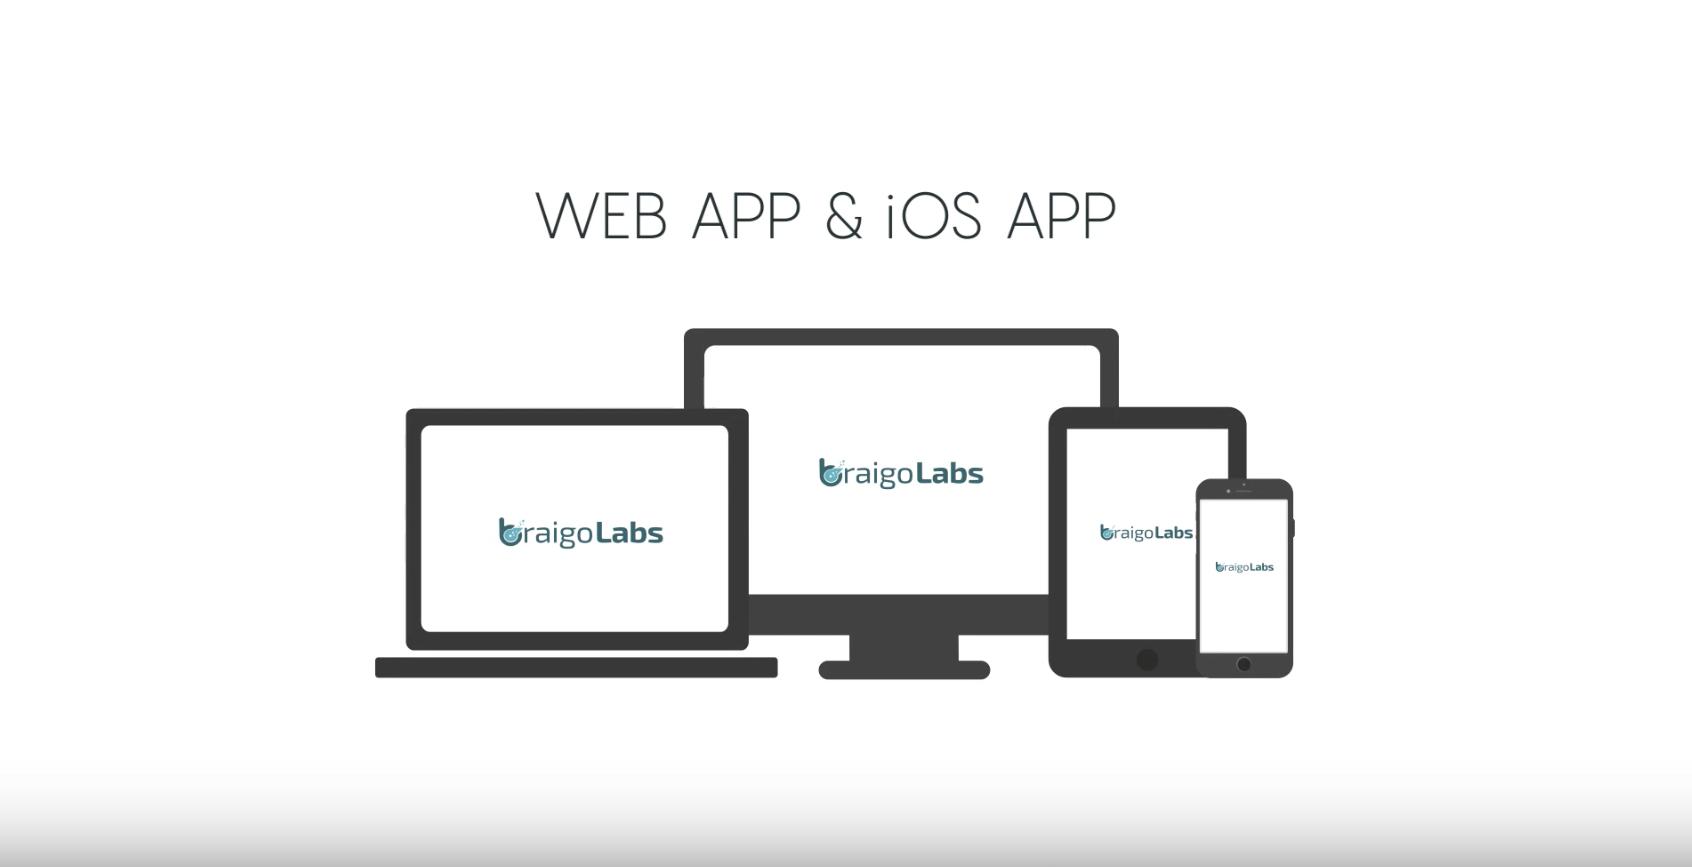 Announcing the Braigo Companion App